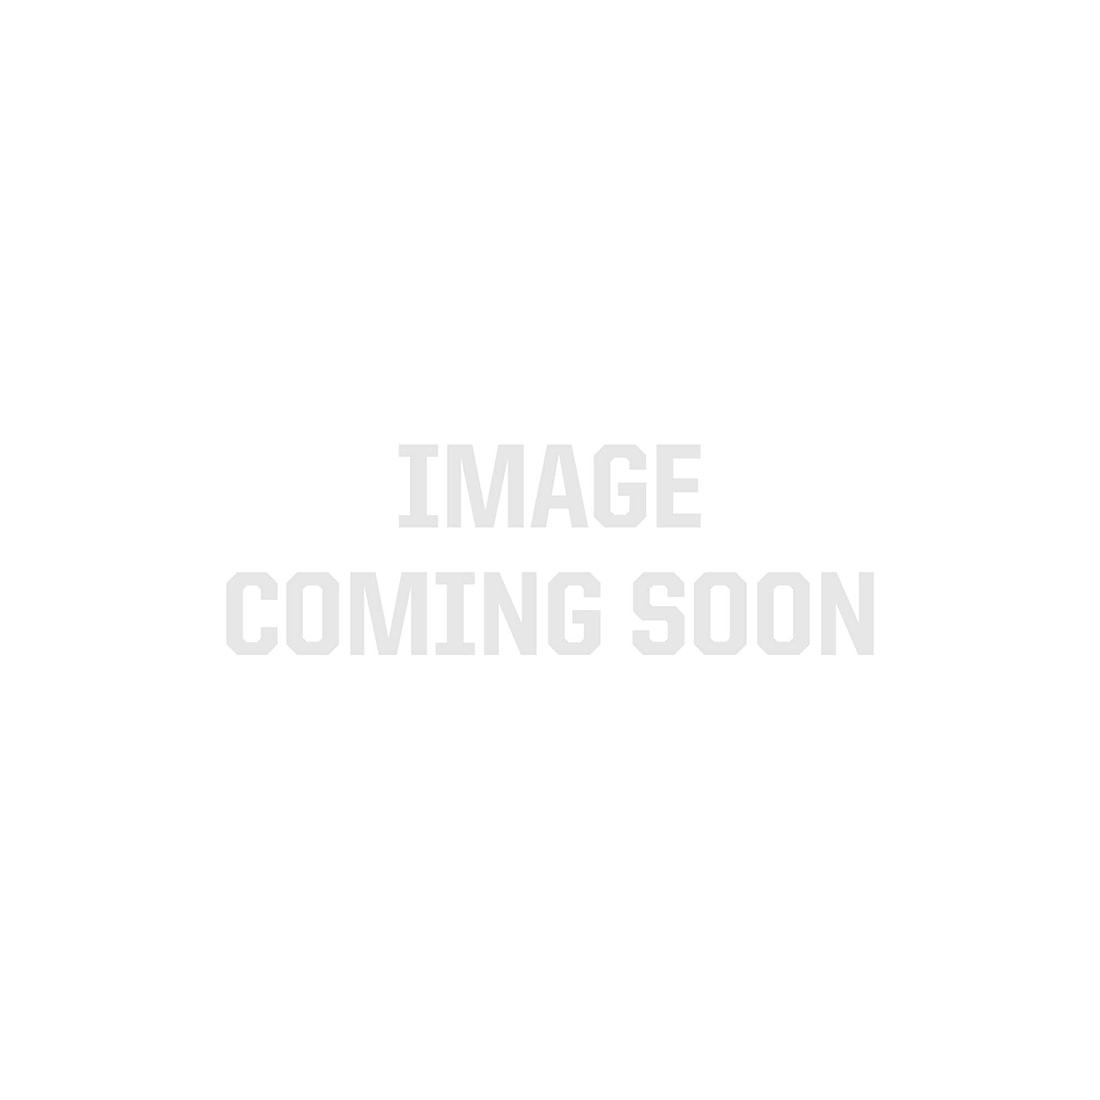 Madrix Key dvi entry V3.x (4,096 DVI pixels)